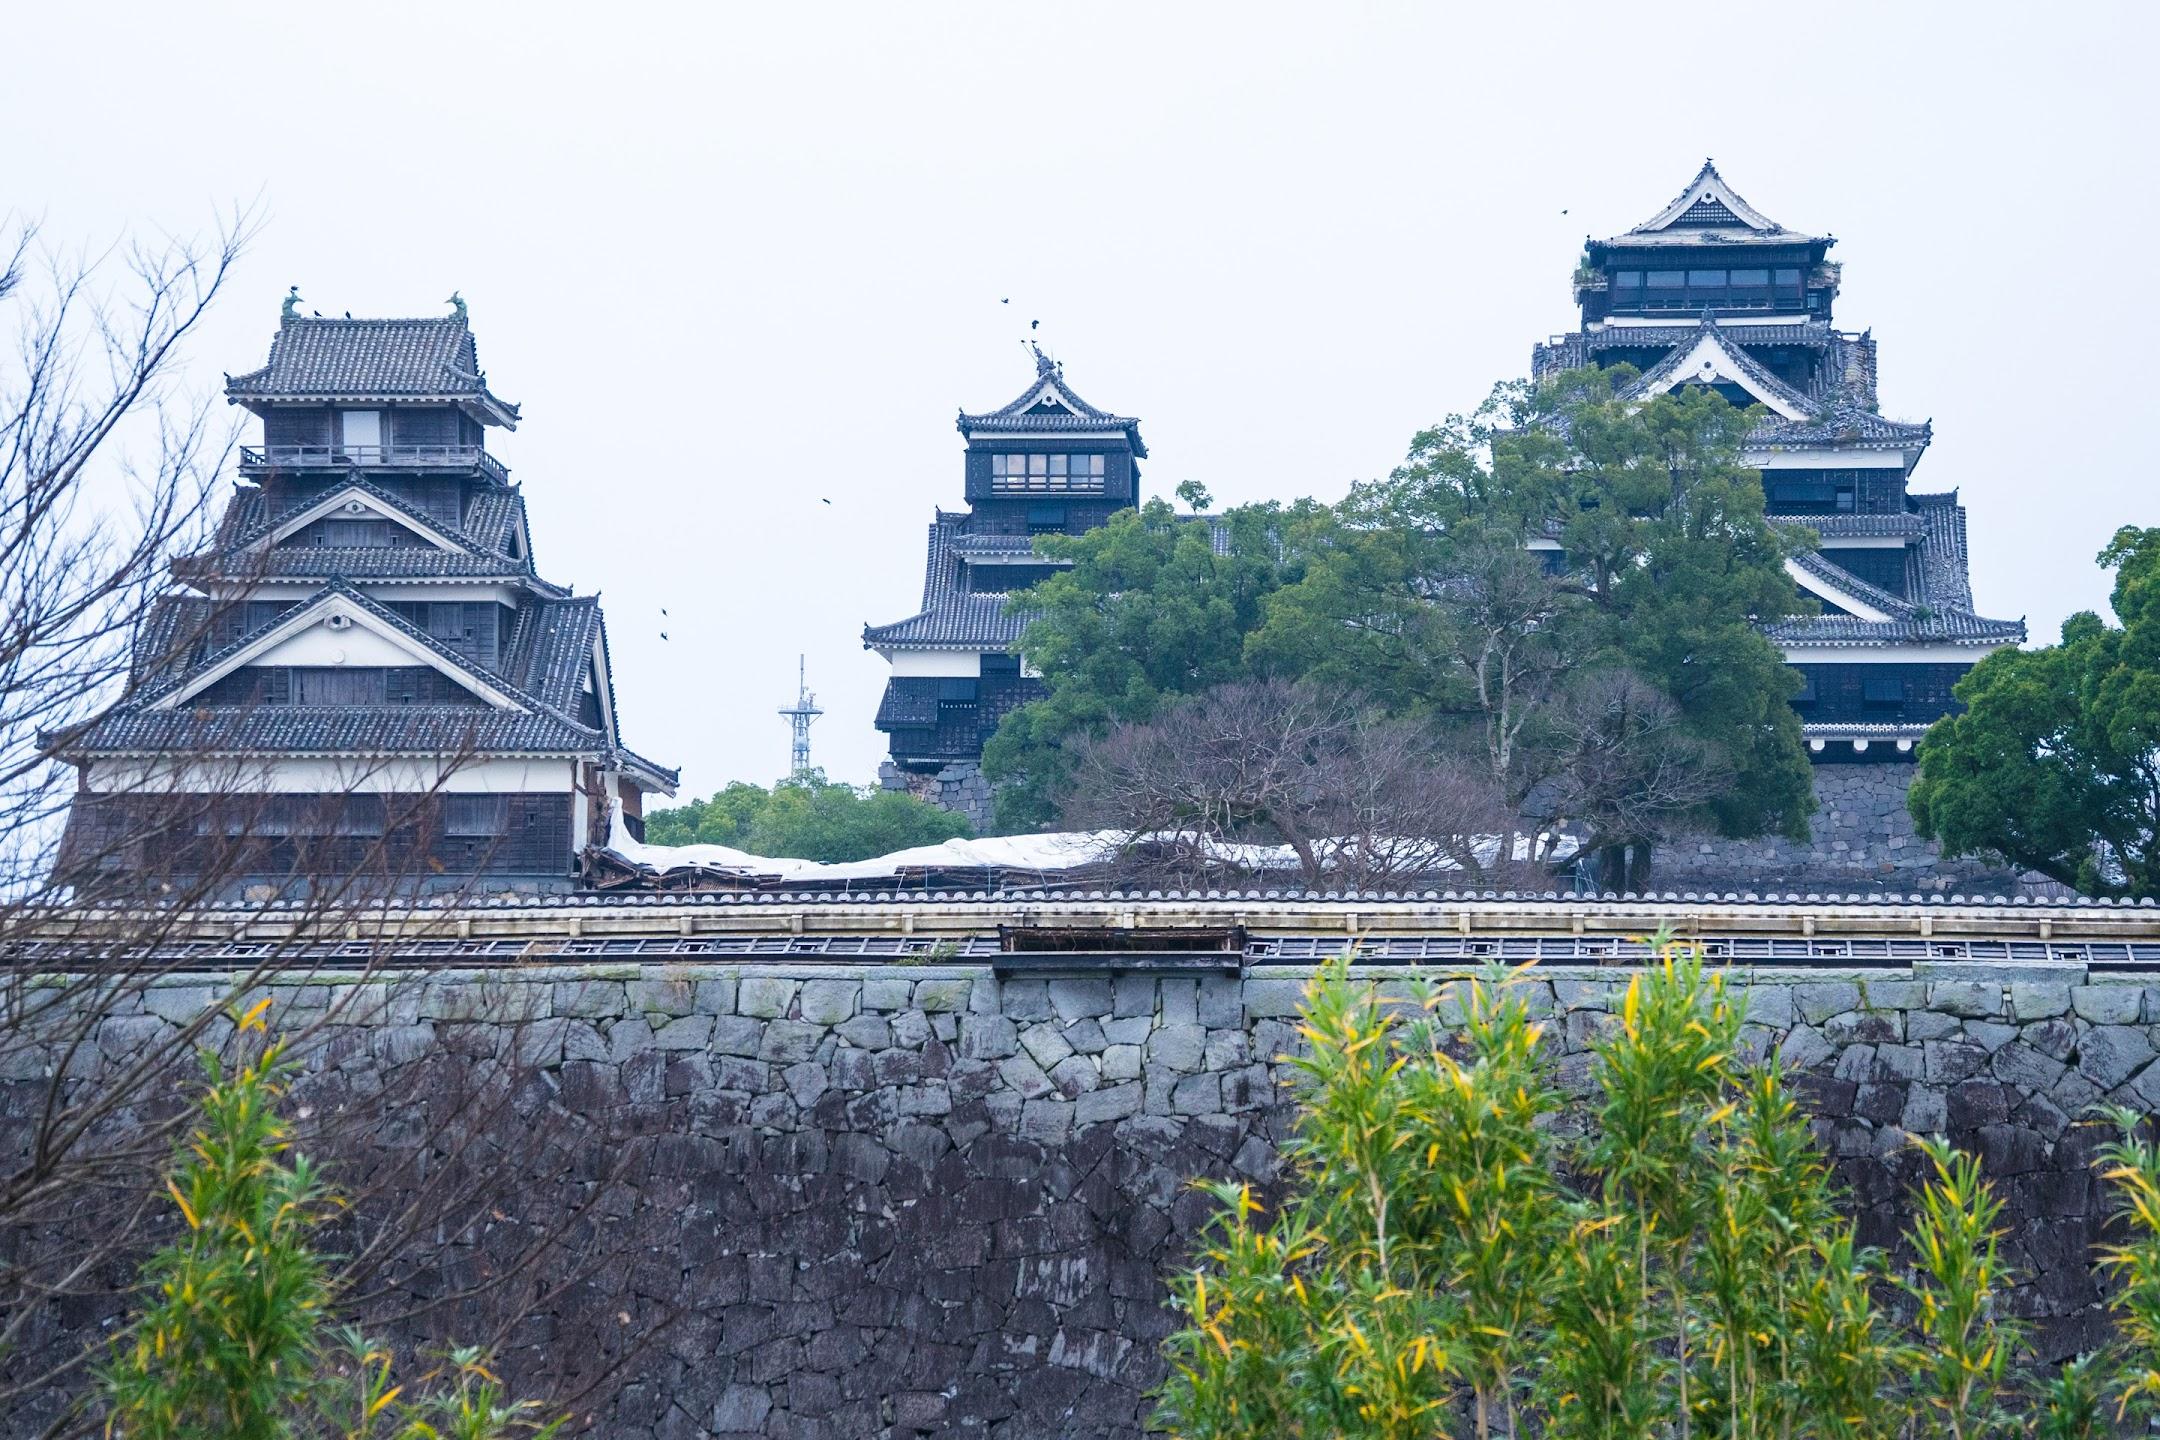 熊本城 二の丸広場 大天守・小天守・宇土櫓1